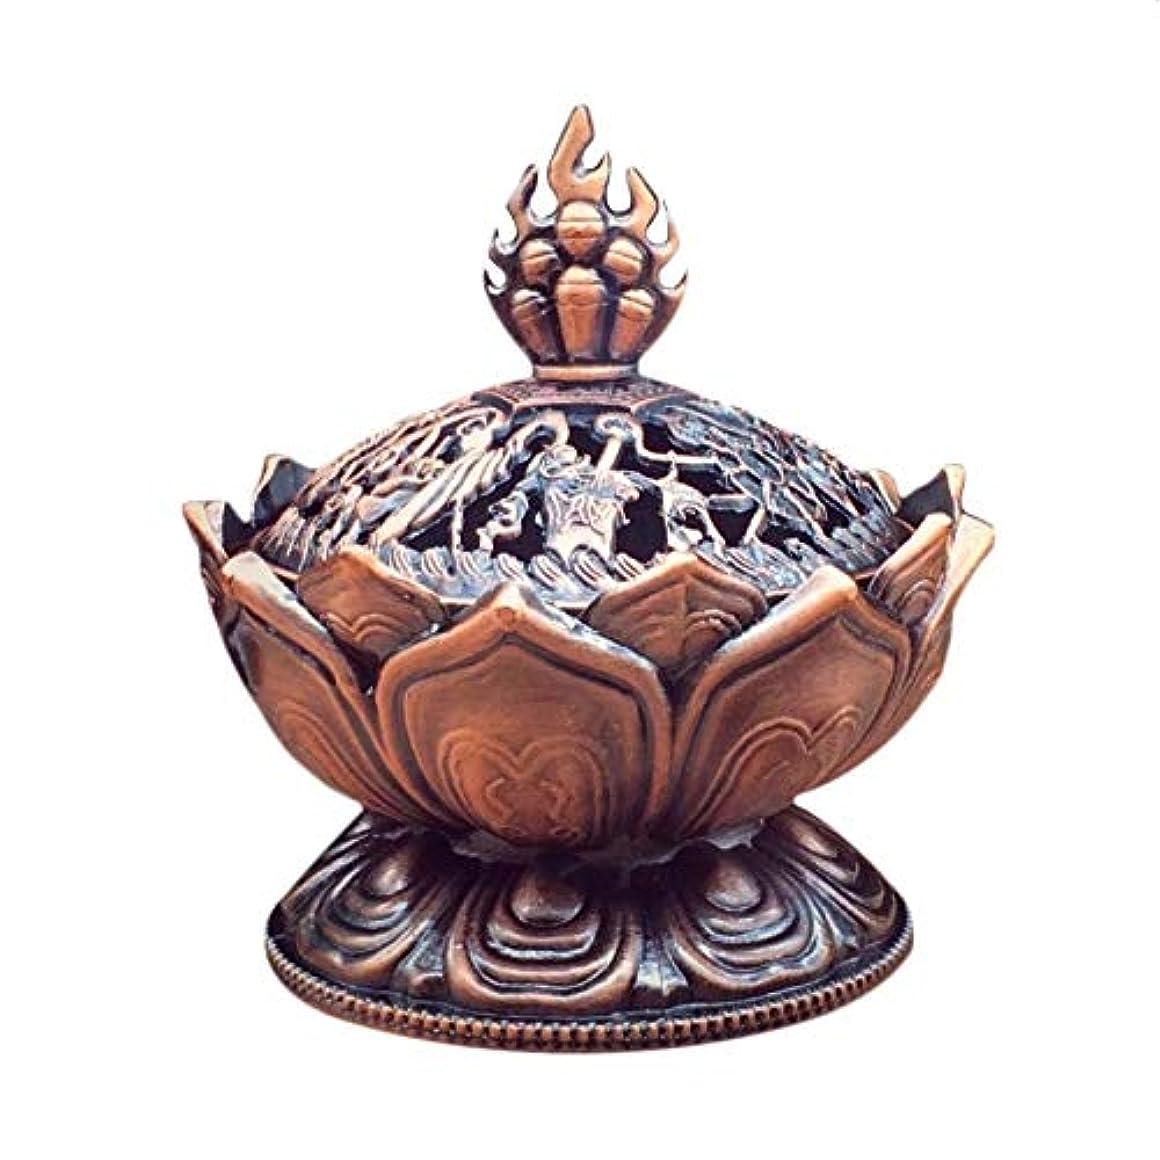 スケジュールバイオリン王位チベットロータス合金ブロンズミニ香炉メタルクラフトホームデコレーション